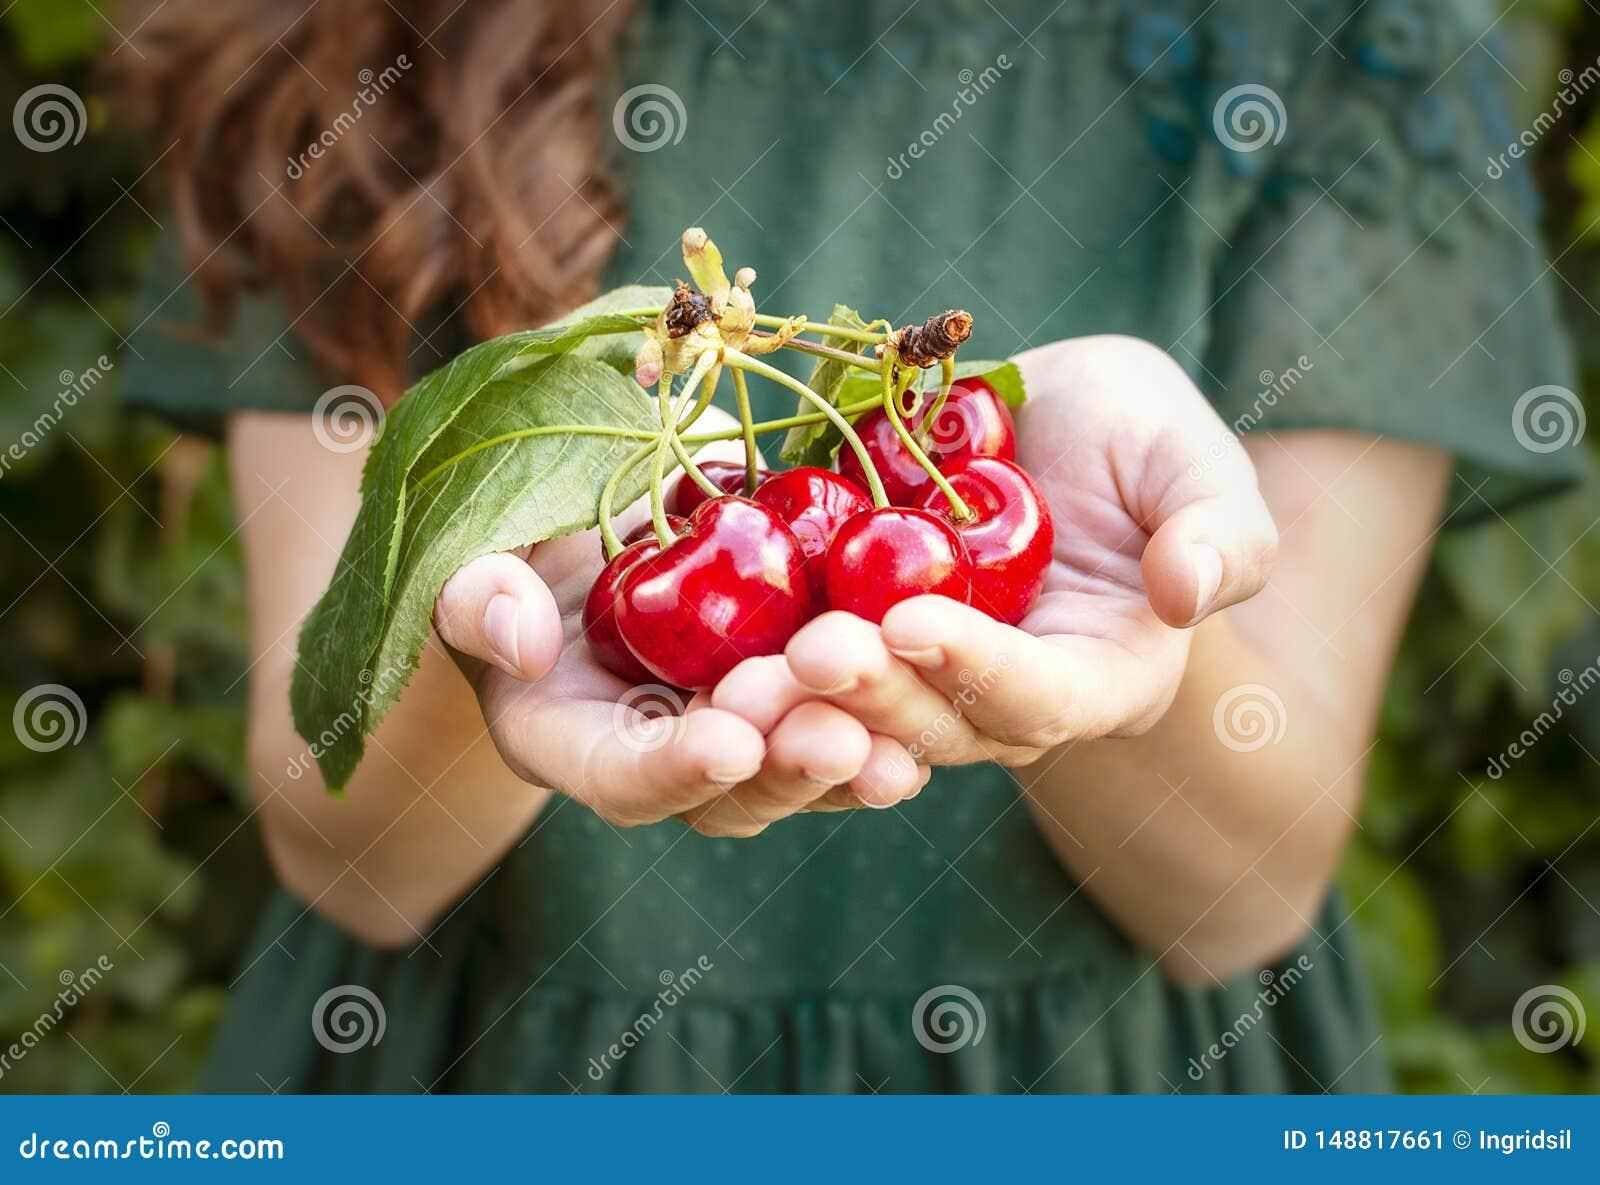 Lokalisierte junge Frau, die einige Kirschen in ihren Händen hält Große rote Kirschen mit Blättern und Stielen Eine Person auf de